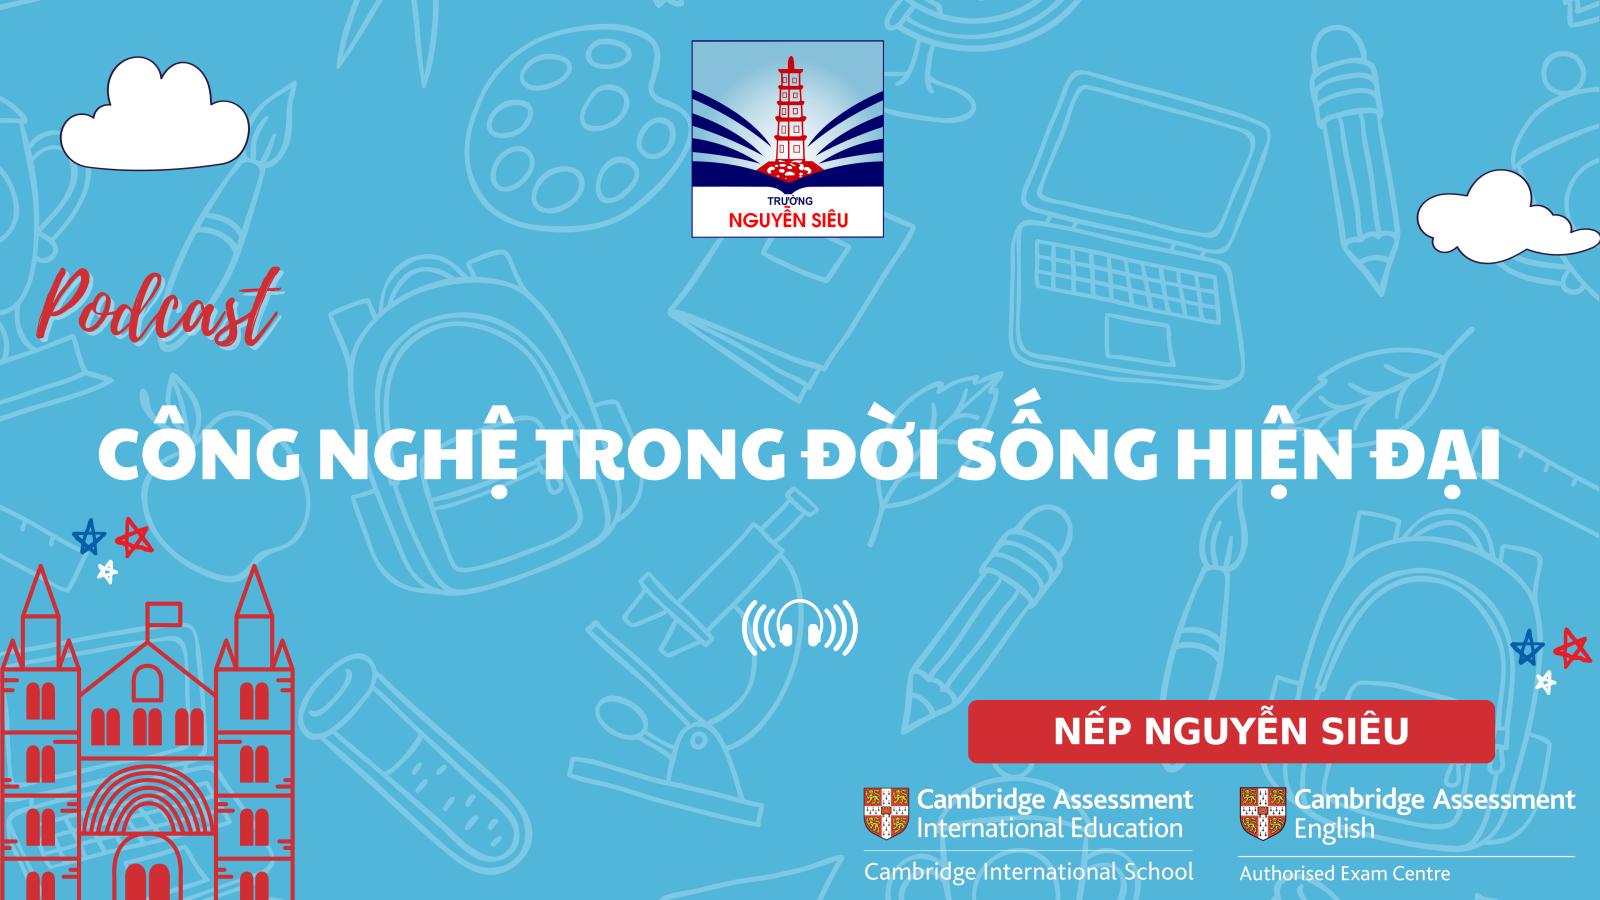 """Podcast Nếp Nguyễn Siêu: """"Công nghệ trong đời sống hiện đại"""""""